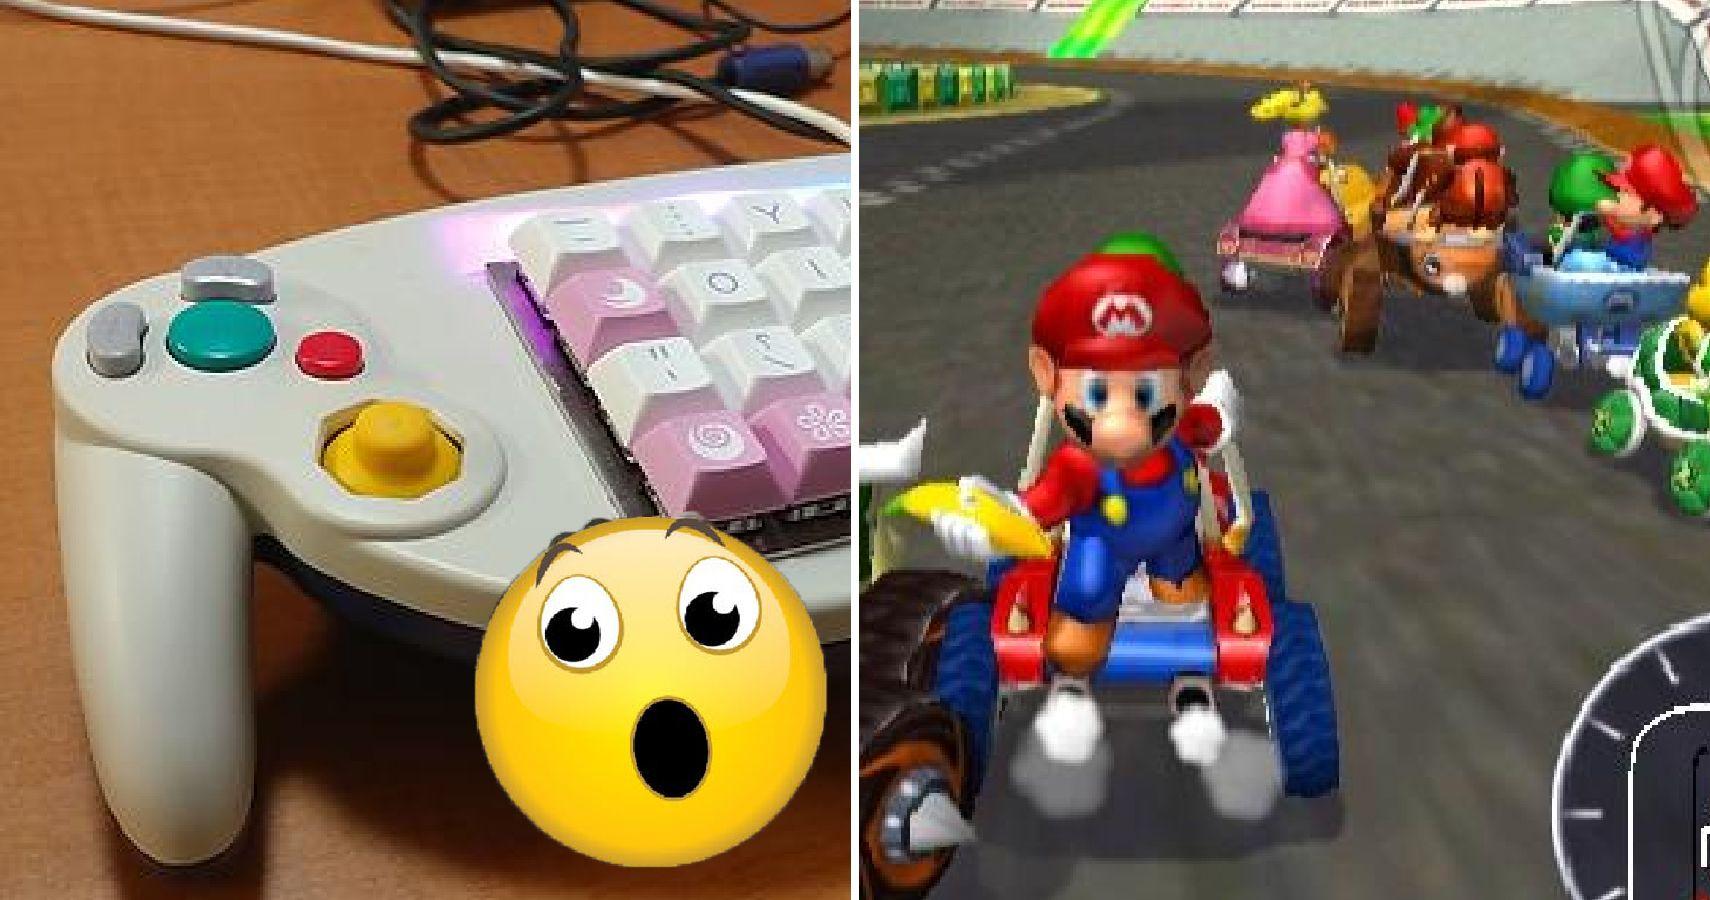 Mario Kart Tour Apk Reddit